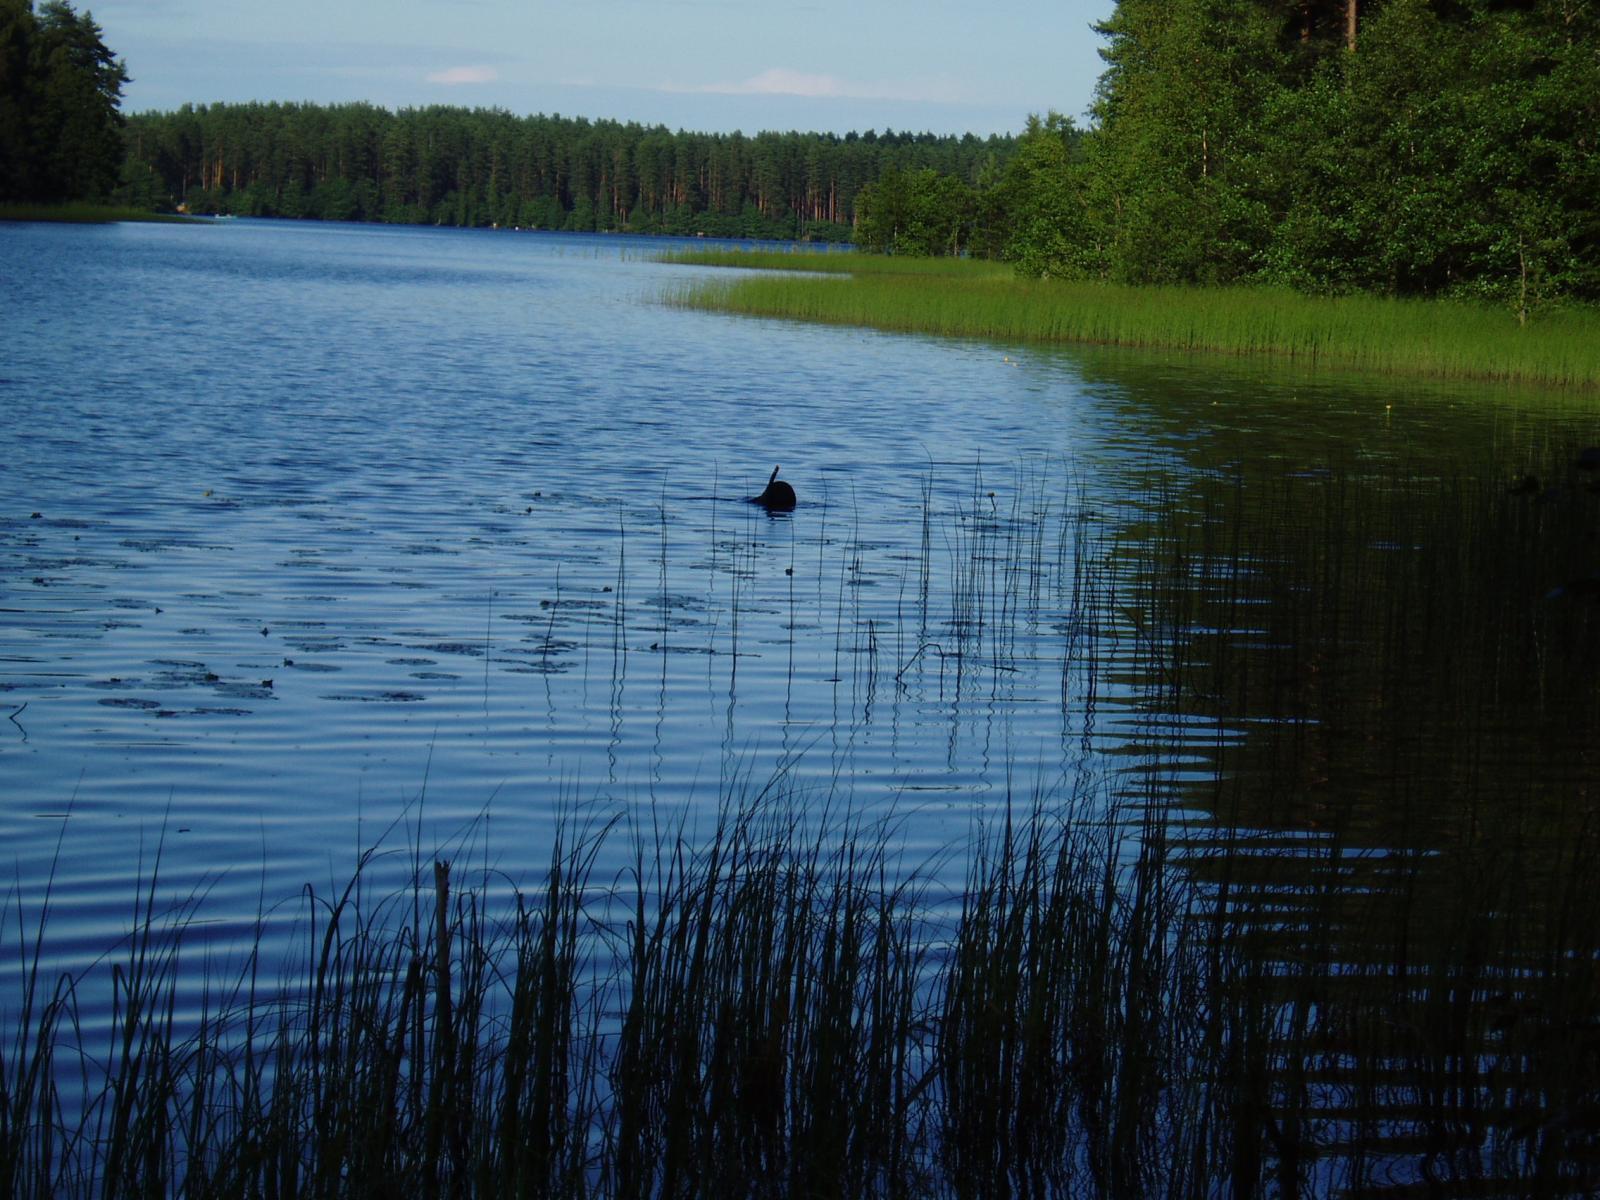 26.07.2008(отдых на озере Уловое) 012.jpg